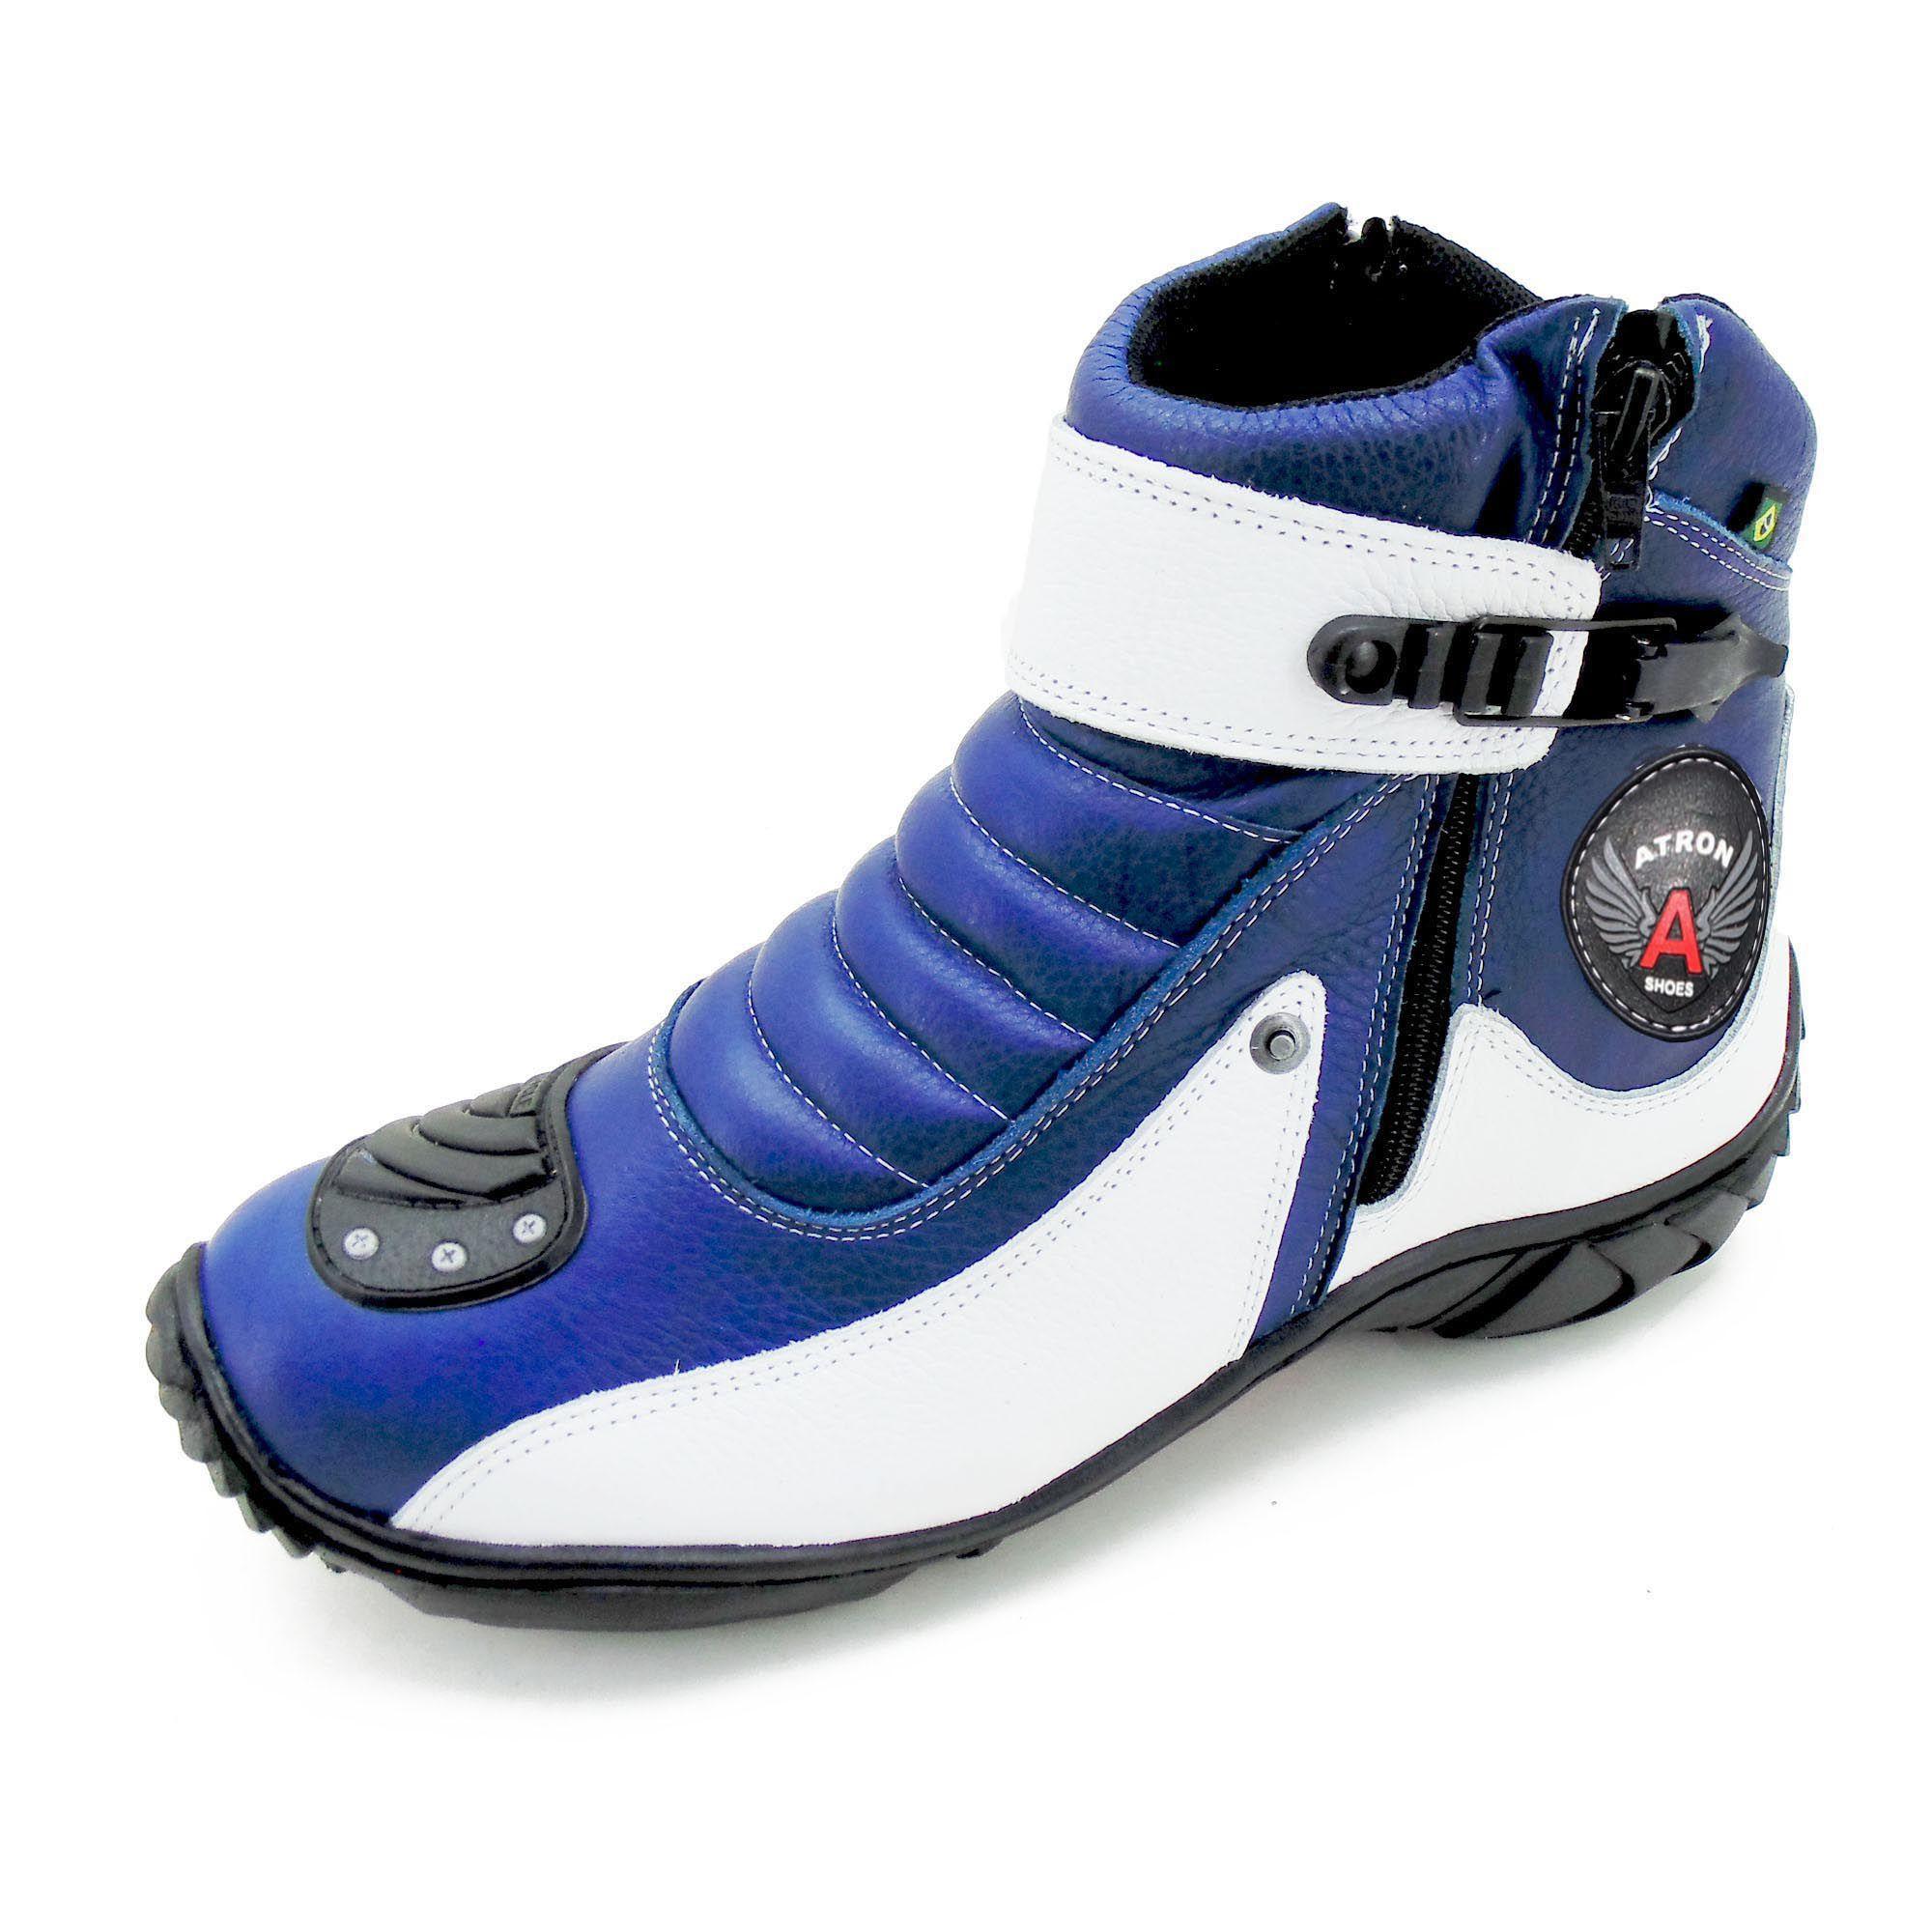 Coturno motociclista em couro legítimo Atron Shoes 271 nas cores azul e branco